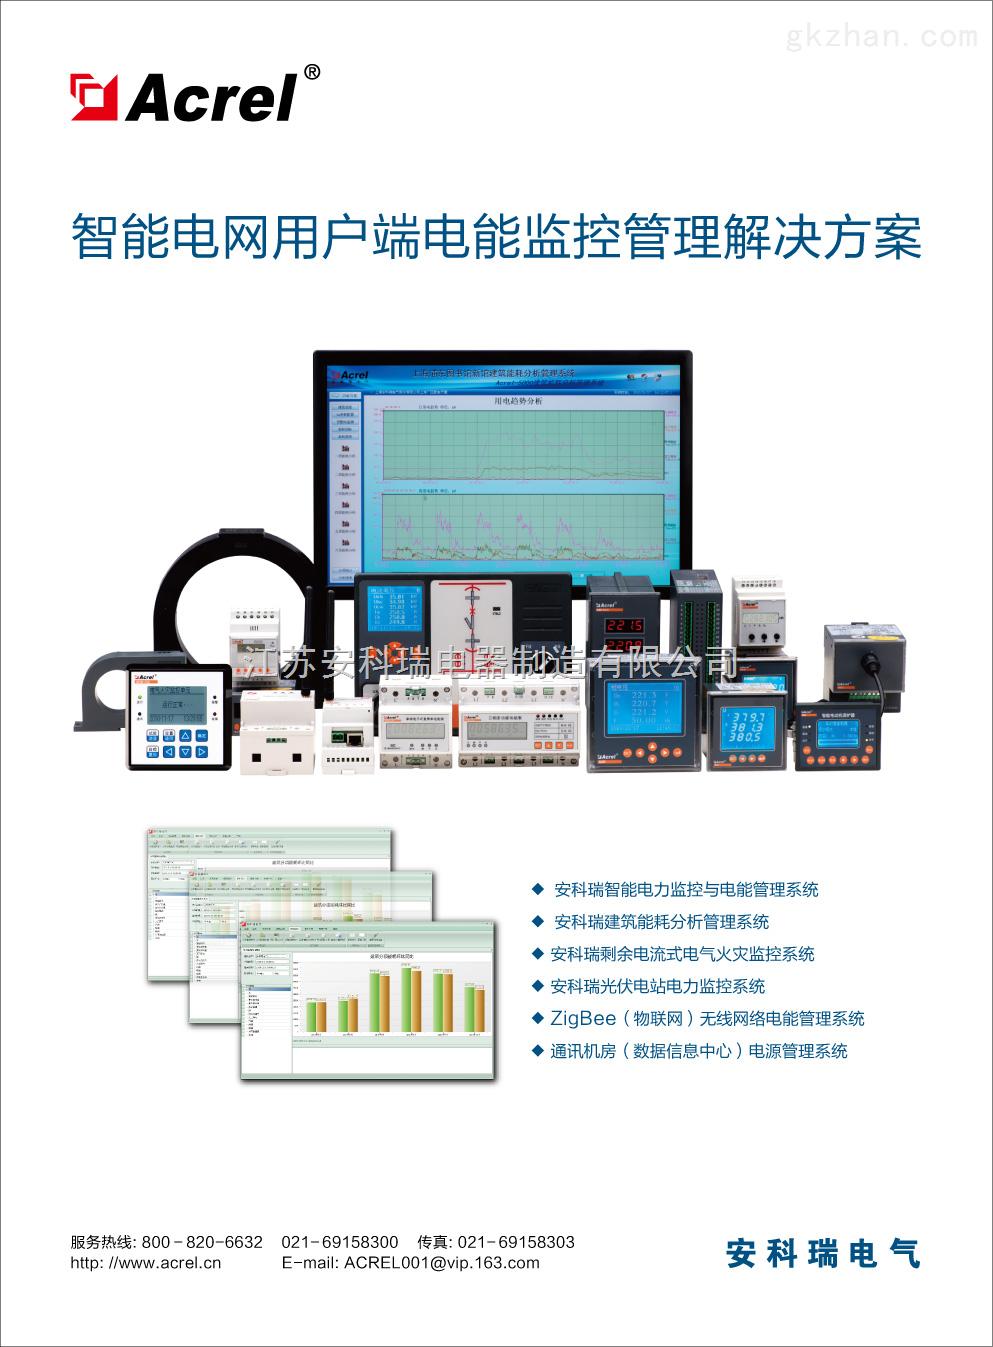 Acrel-2000智能配电系统